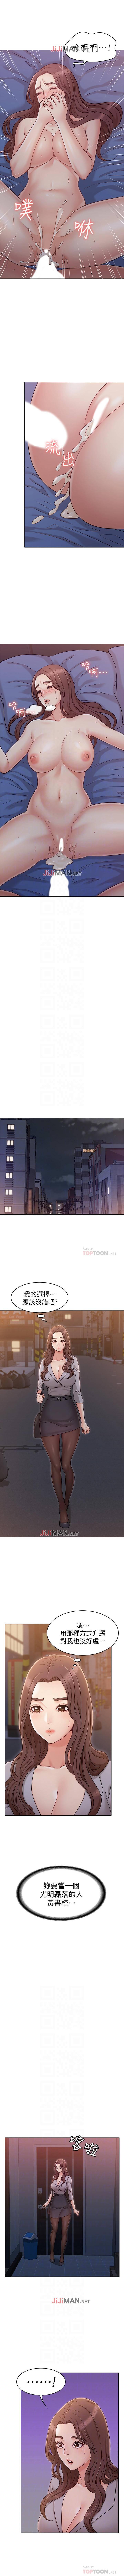 【周六连载】女友的姐姐(作者:橡果人&獵狗) 第1~23话 136